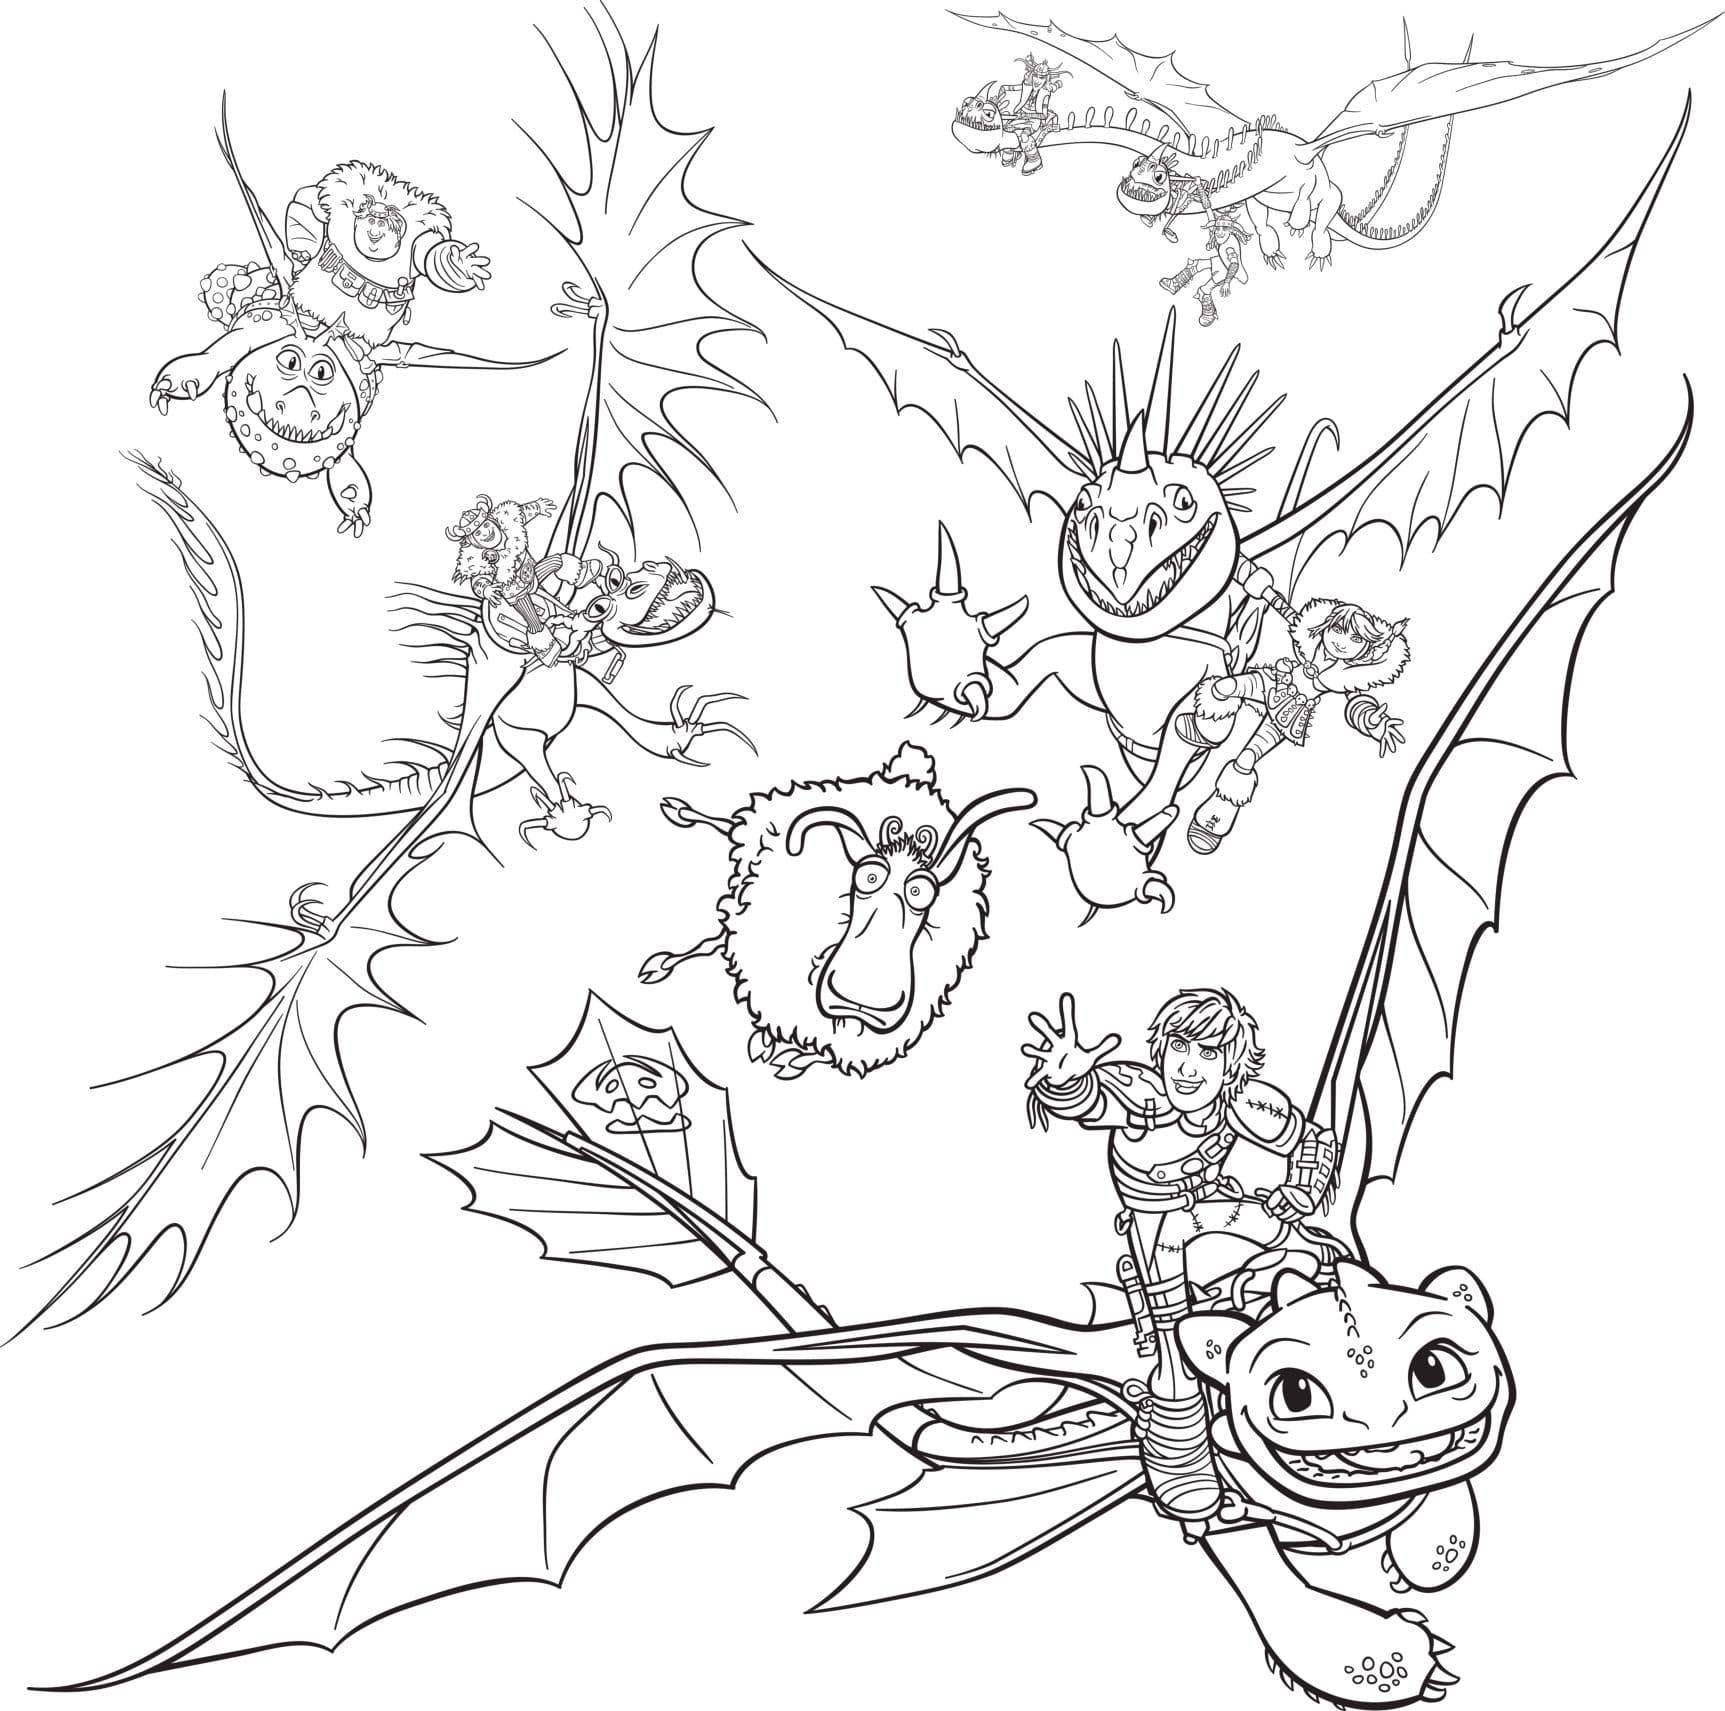 Раскраски Как приручить дракона. Распечатайте бесплатно